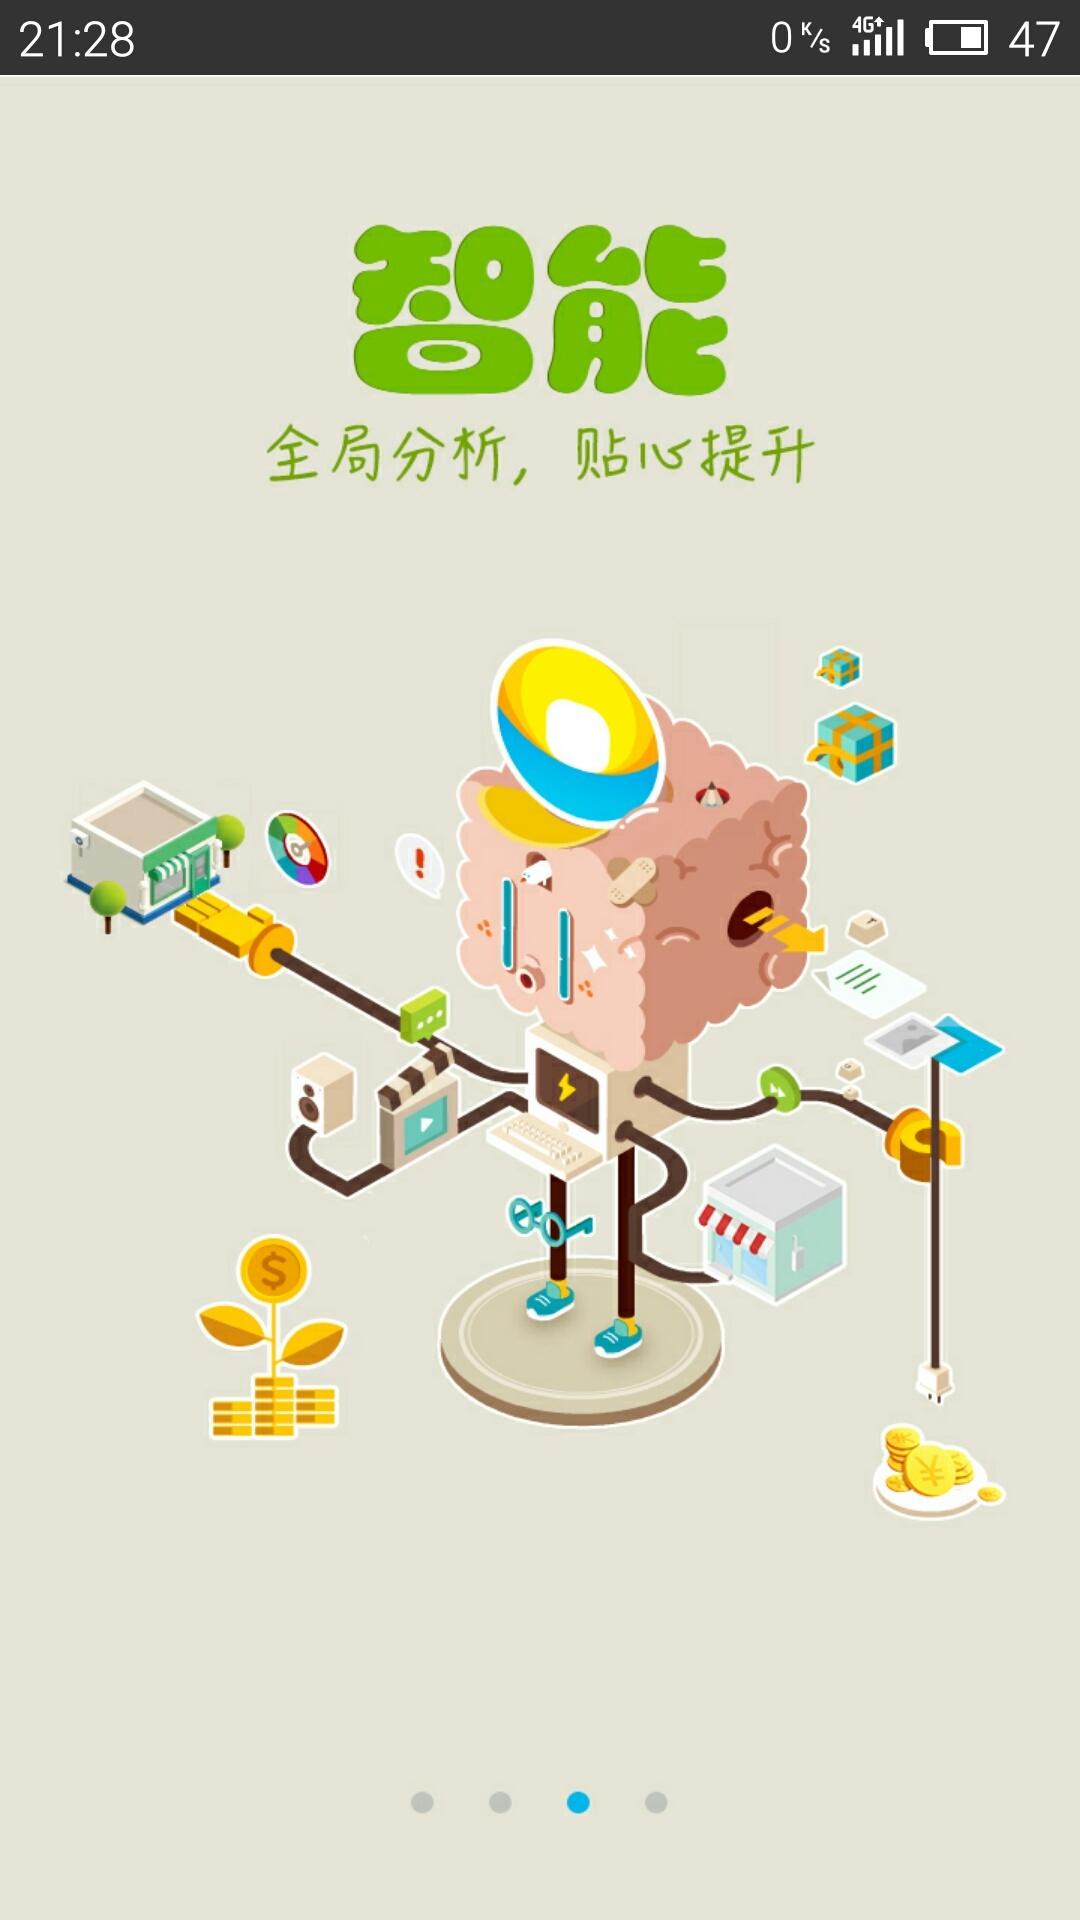 秦丝生意通安卓版 V2.1.7